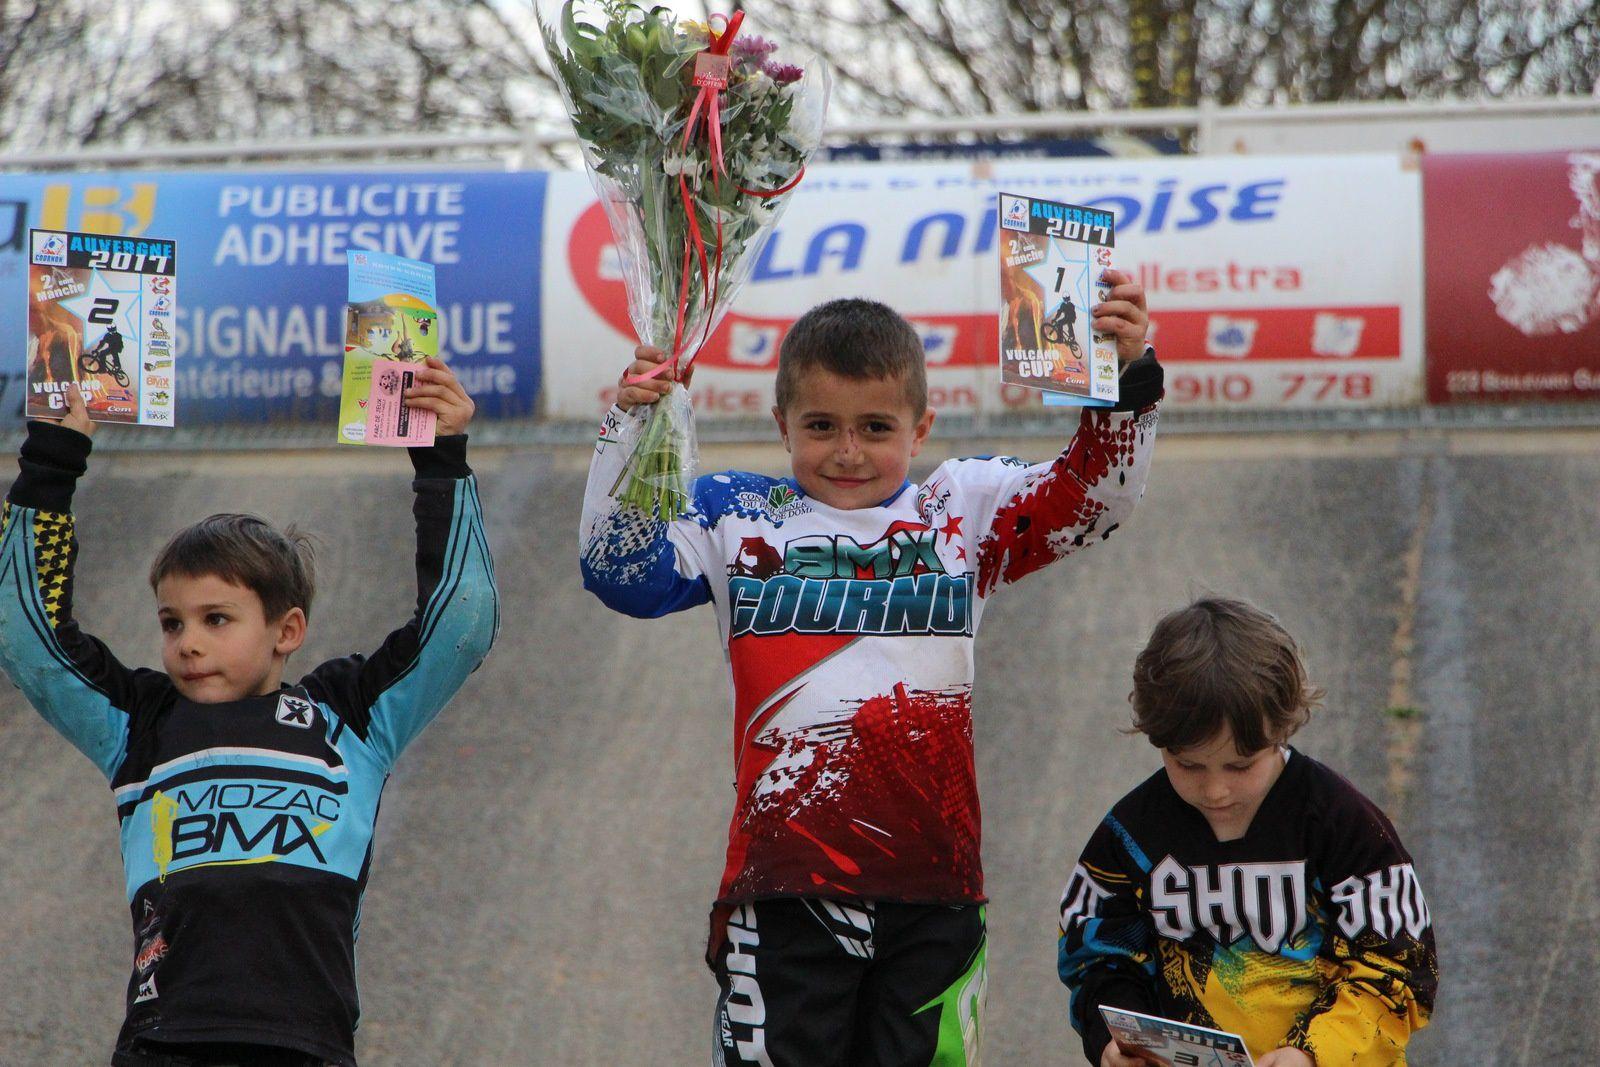 Résultats de la 2e manche de la Vulcano Cup à Counon, 12 mars